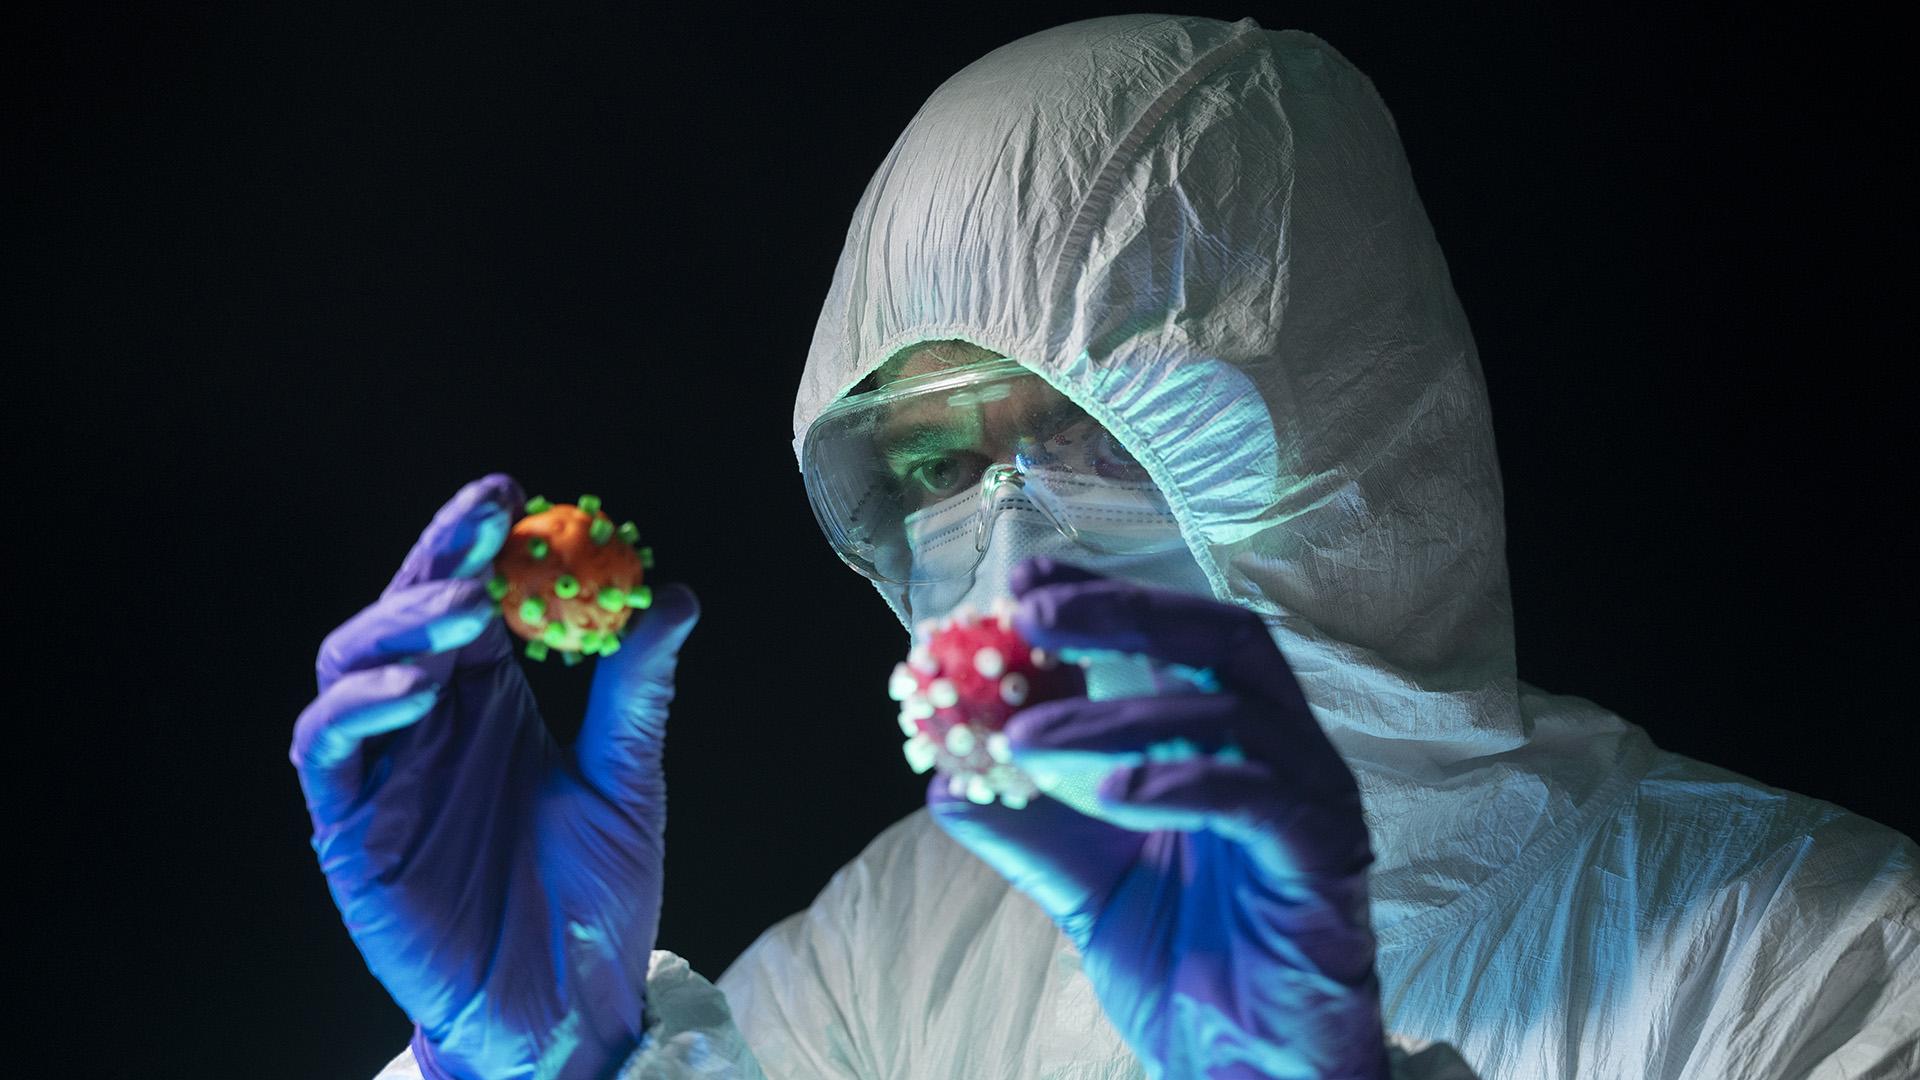 Évtizedekig velünk marad még a koronavírus